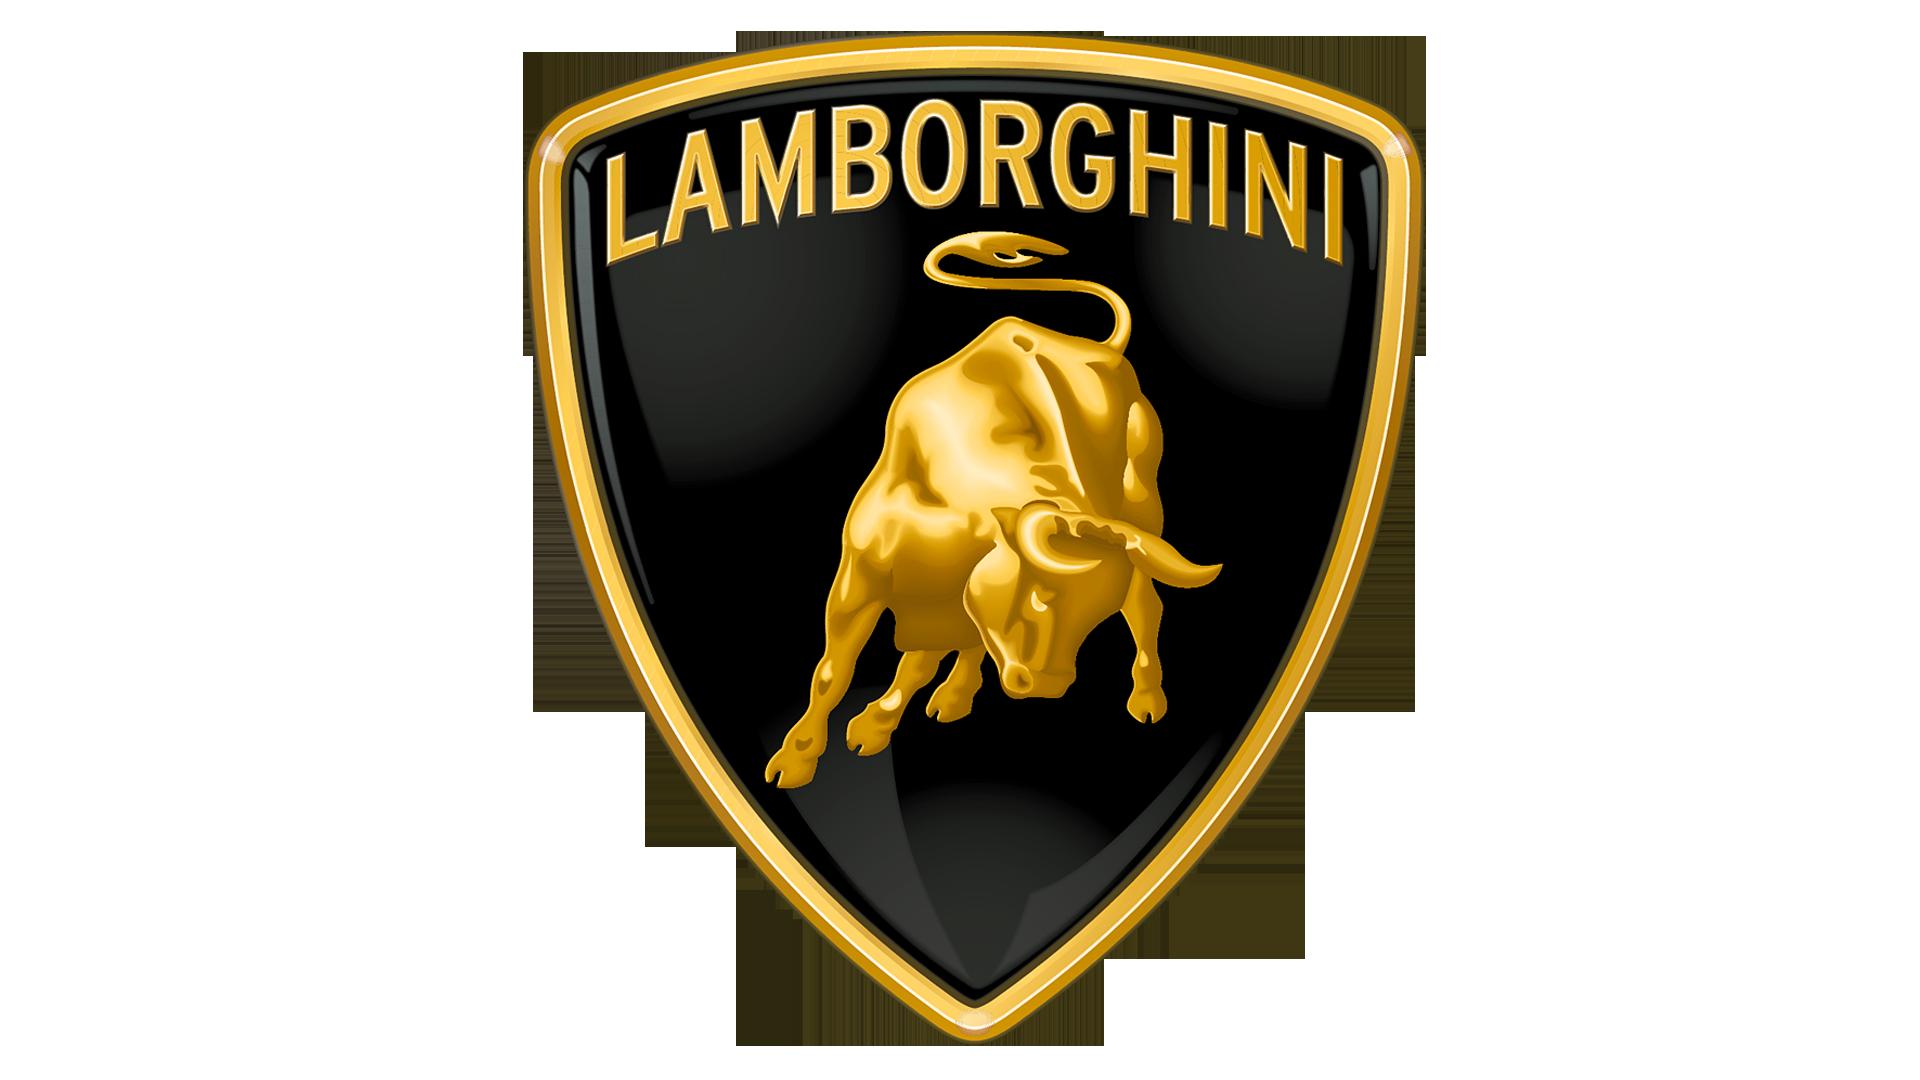 ¿Por qué hay un toro en el logo de Lamborghini?